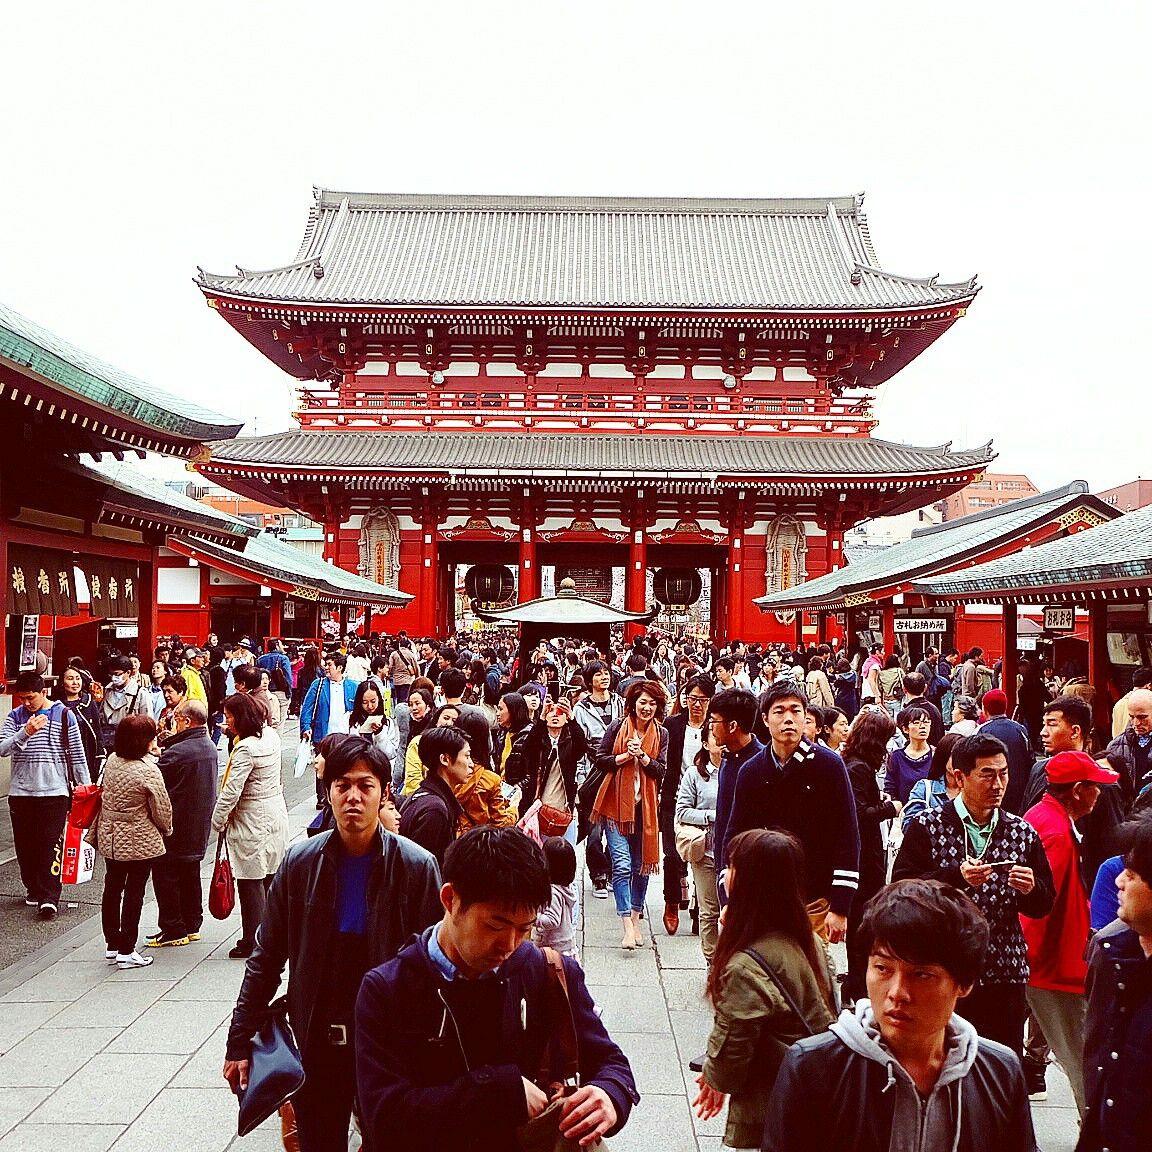 Afternoon crowds in Kanimarimon Gate, Asakusa, Tokyo